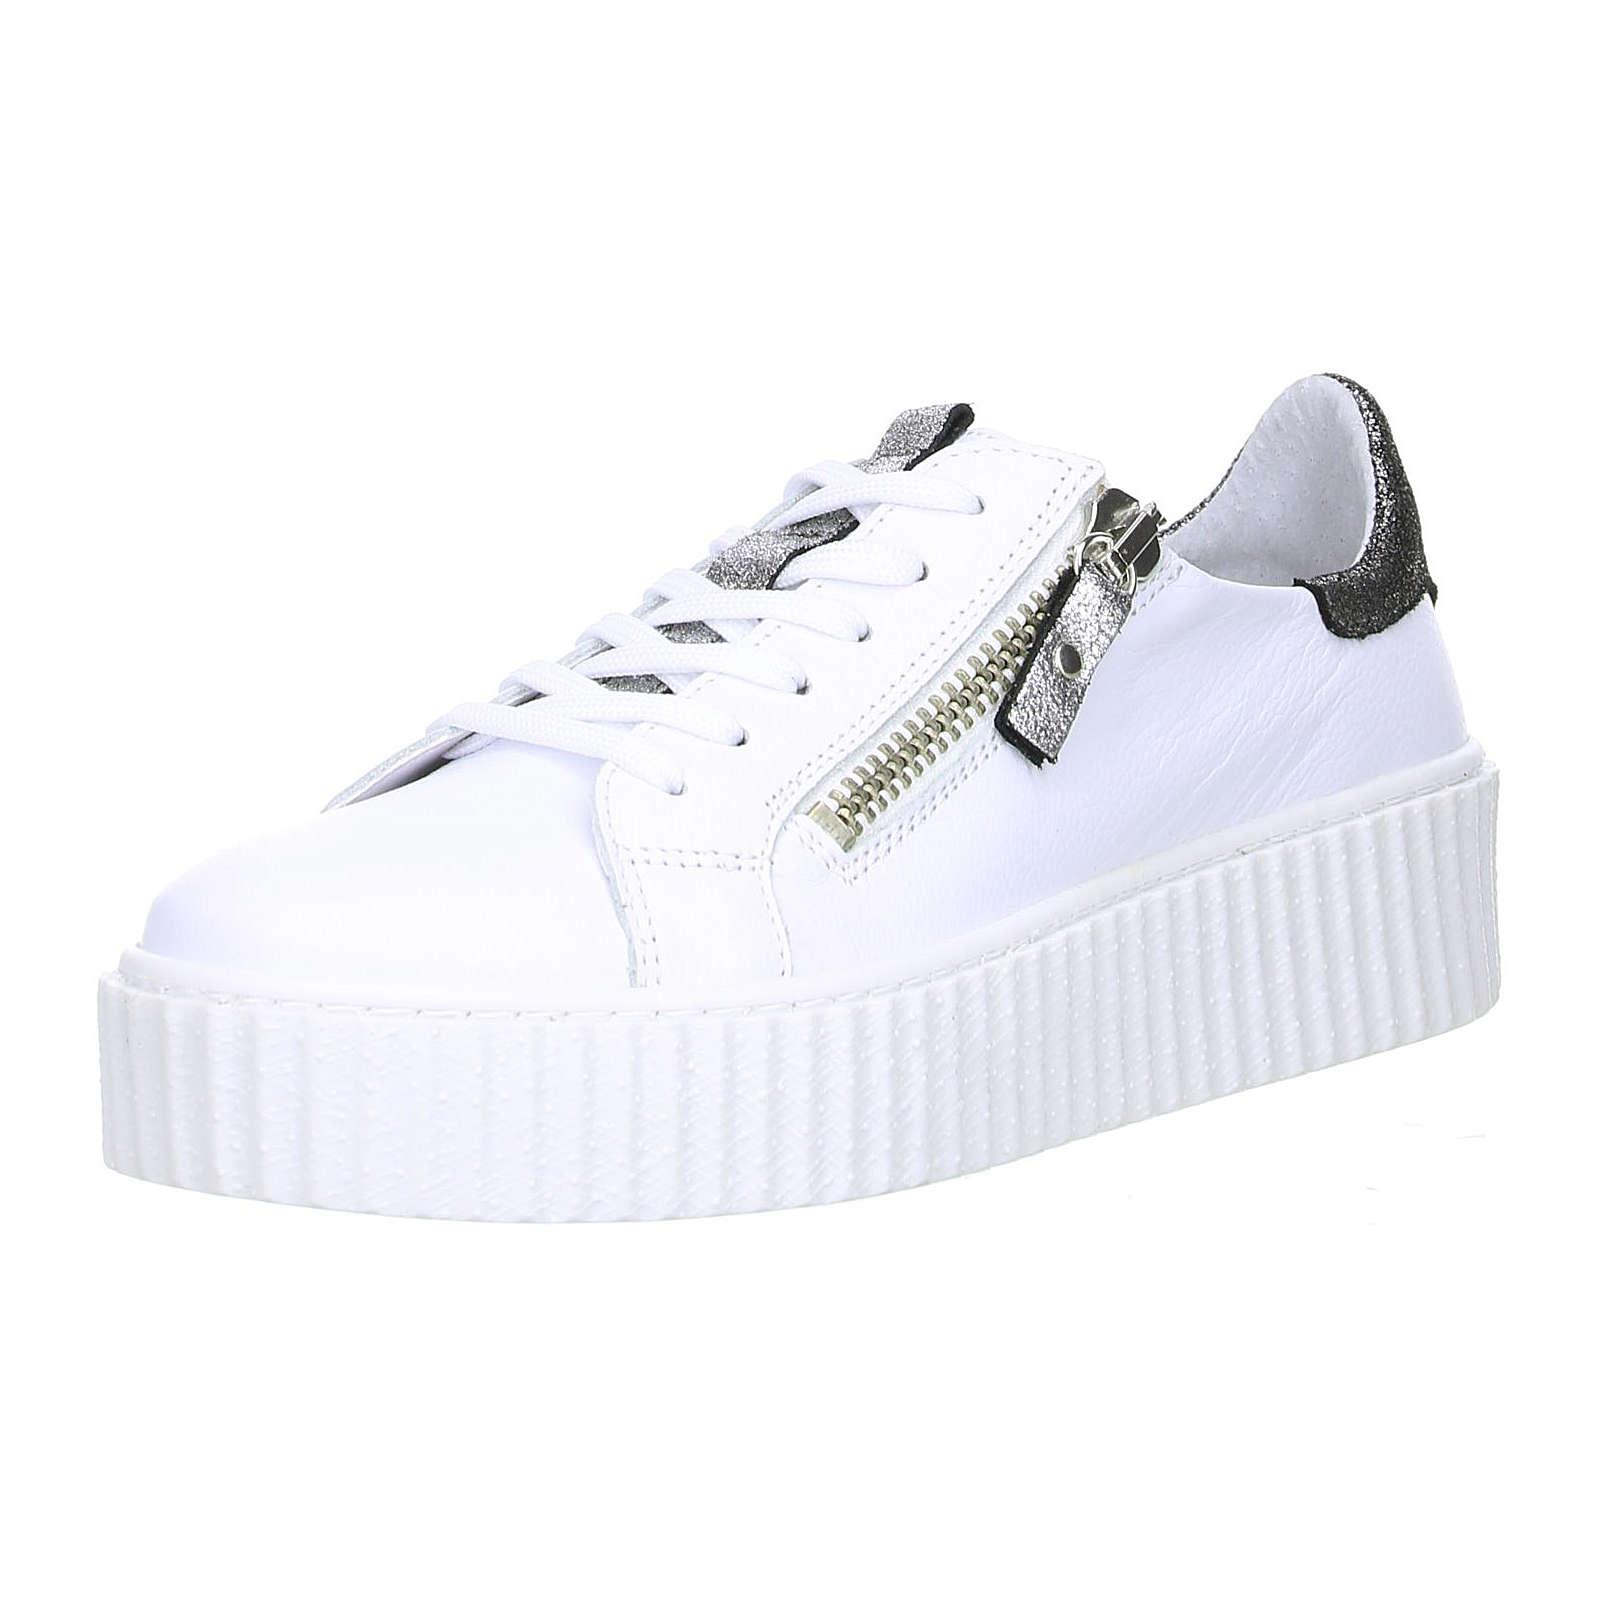 ONLINE SHOES Sneakers Low weiß Damen Gr. 42